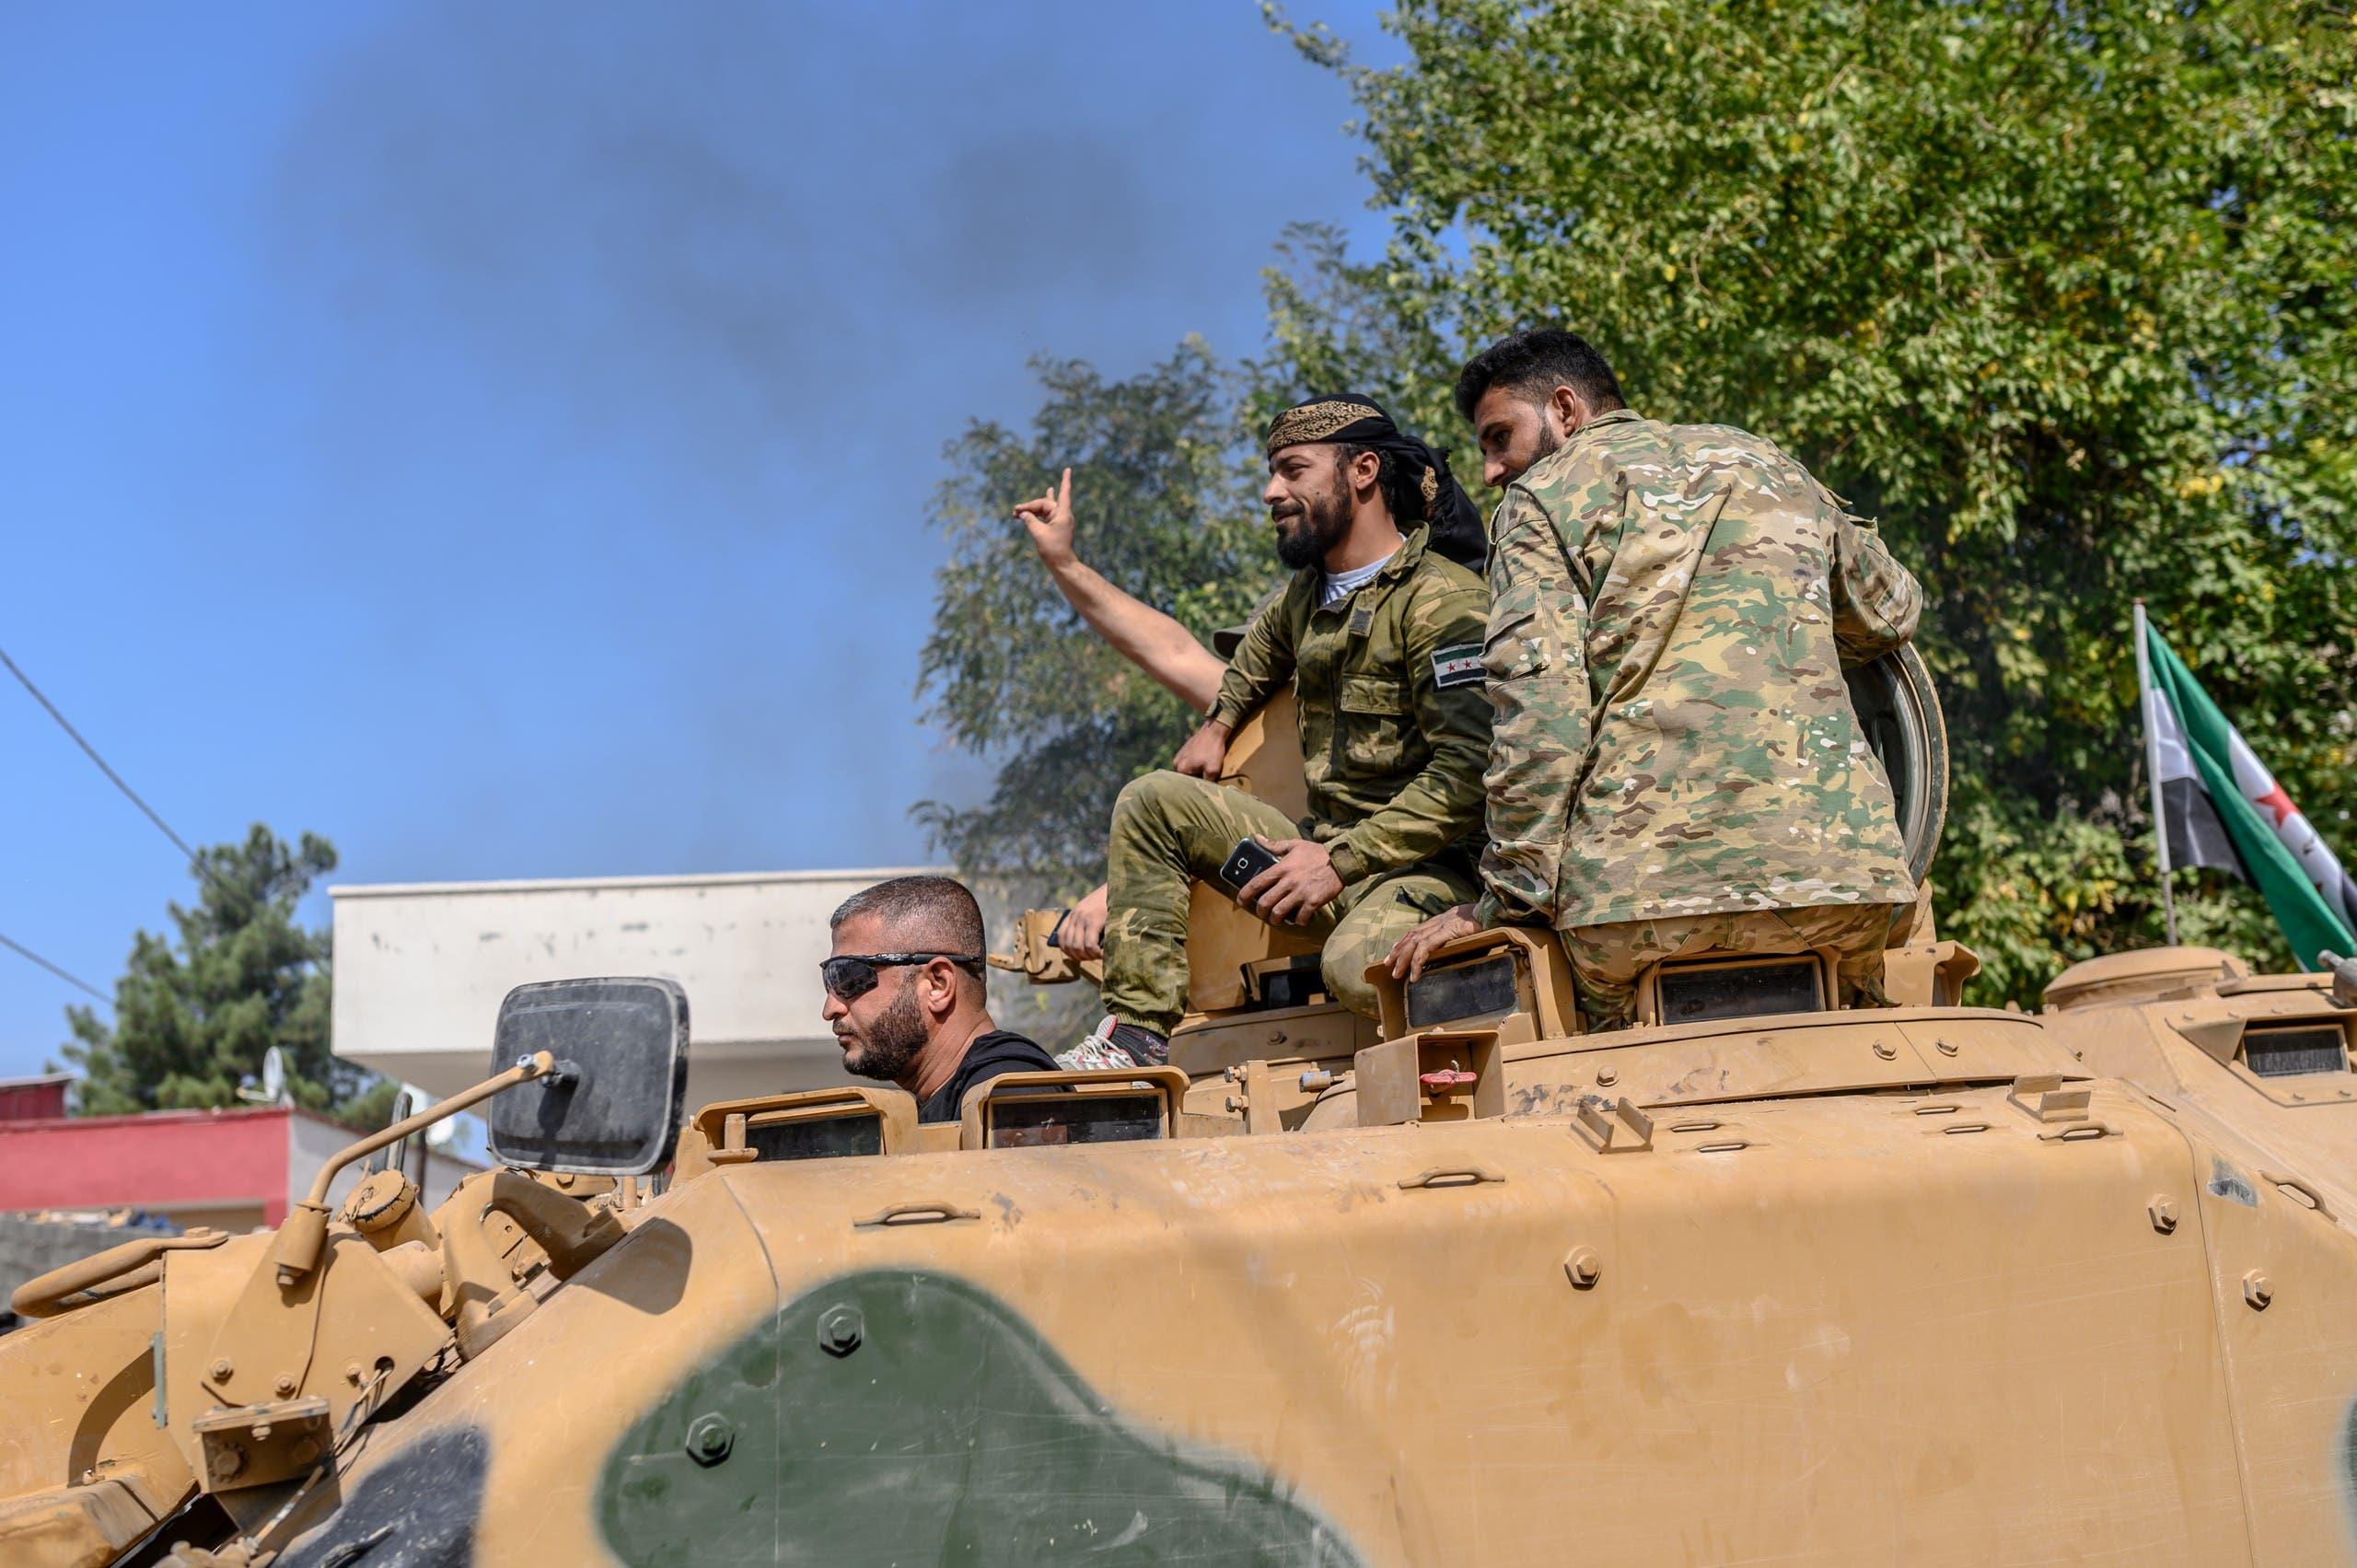 - فرانس برس)عناصر من فصائل مسلحة مدعومة من أنقرة في تل أبيض شمال سوريا(18 أكتوبر